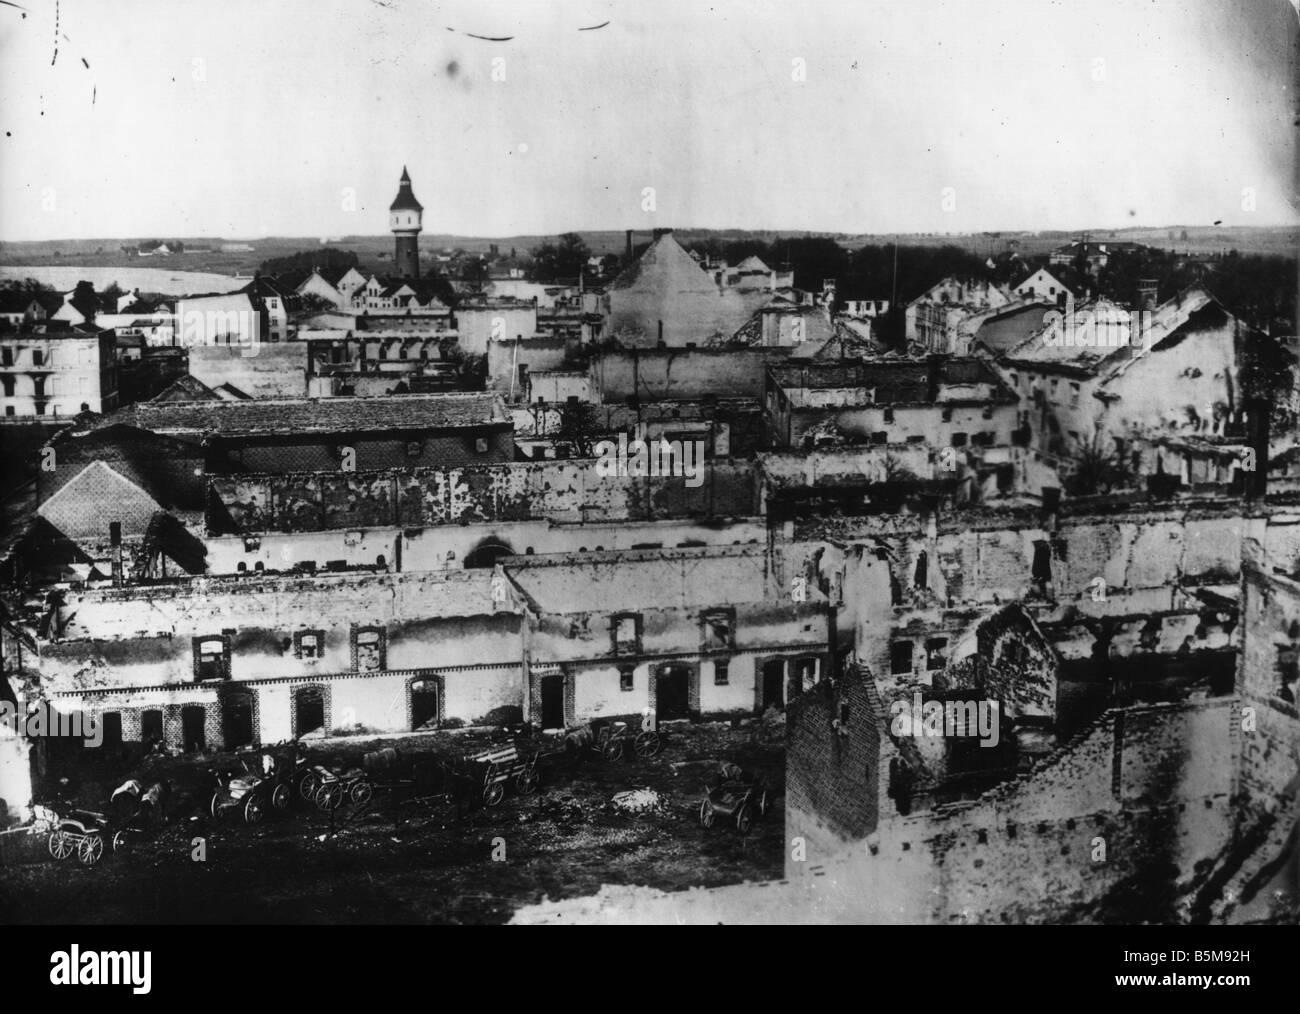 2 G55 O1 15 1914 LA PREMIÈRE GUERRE MONDIALE, la destruction à Ortelsburg Photo History WWI Front de l'est Photo Stock